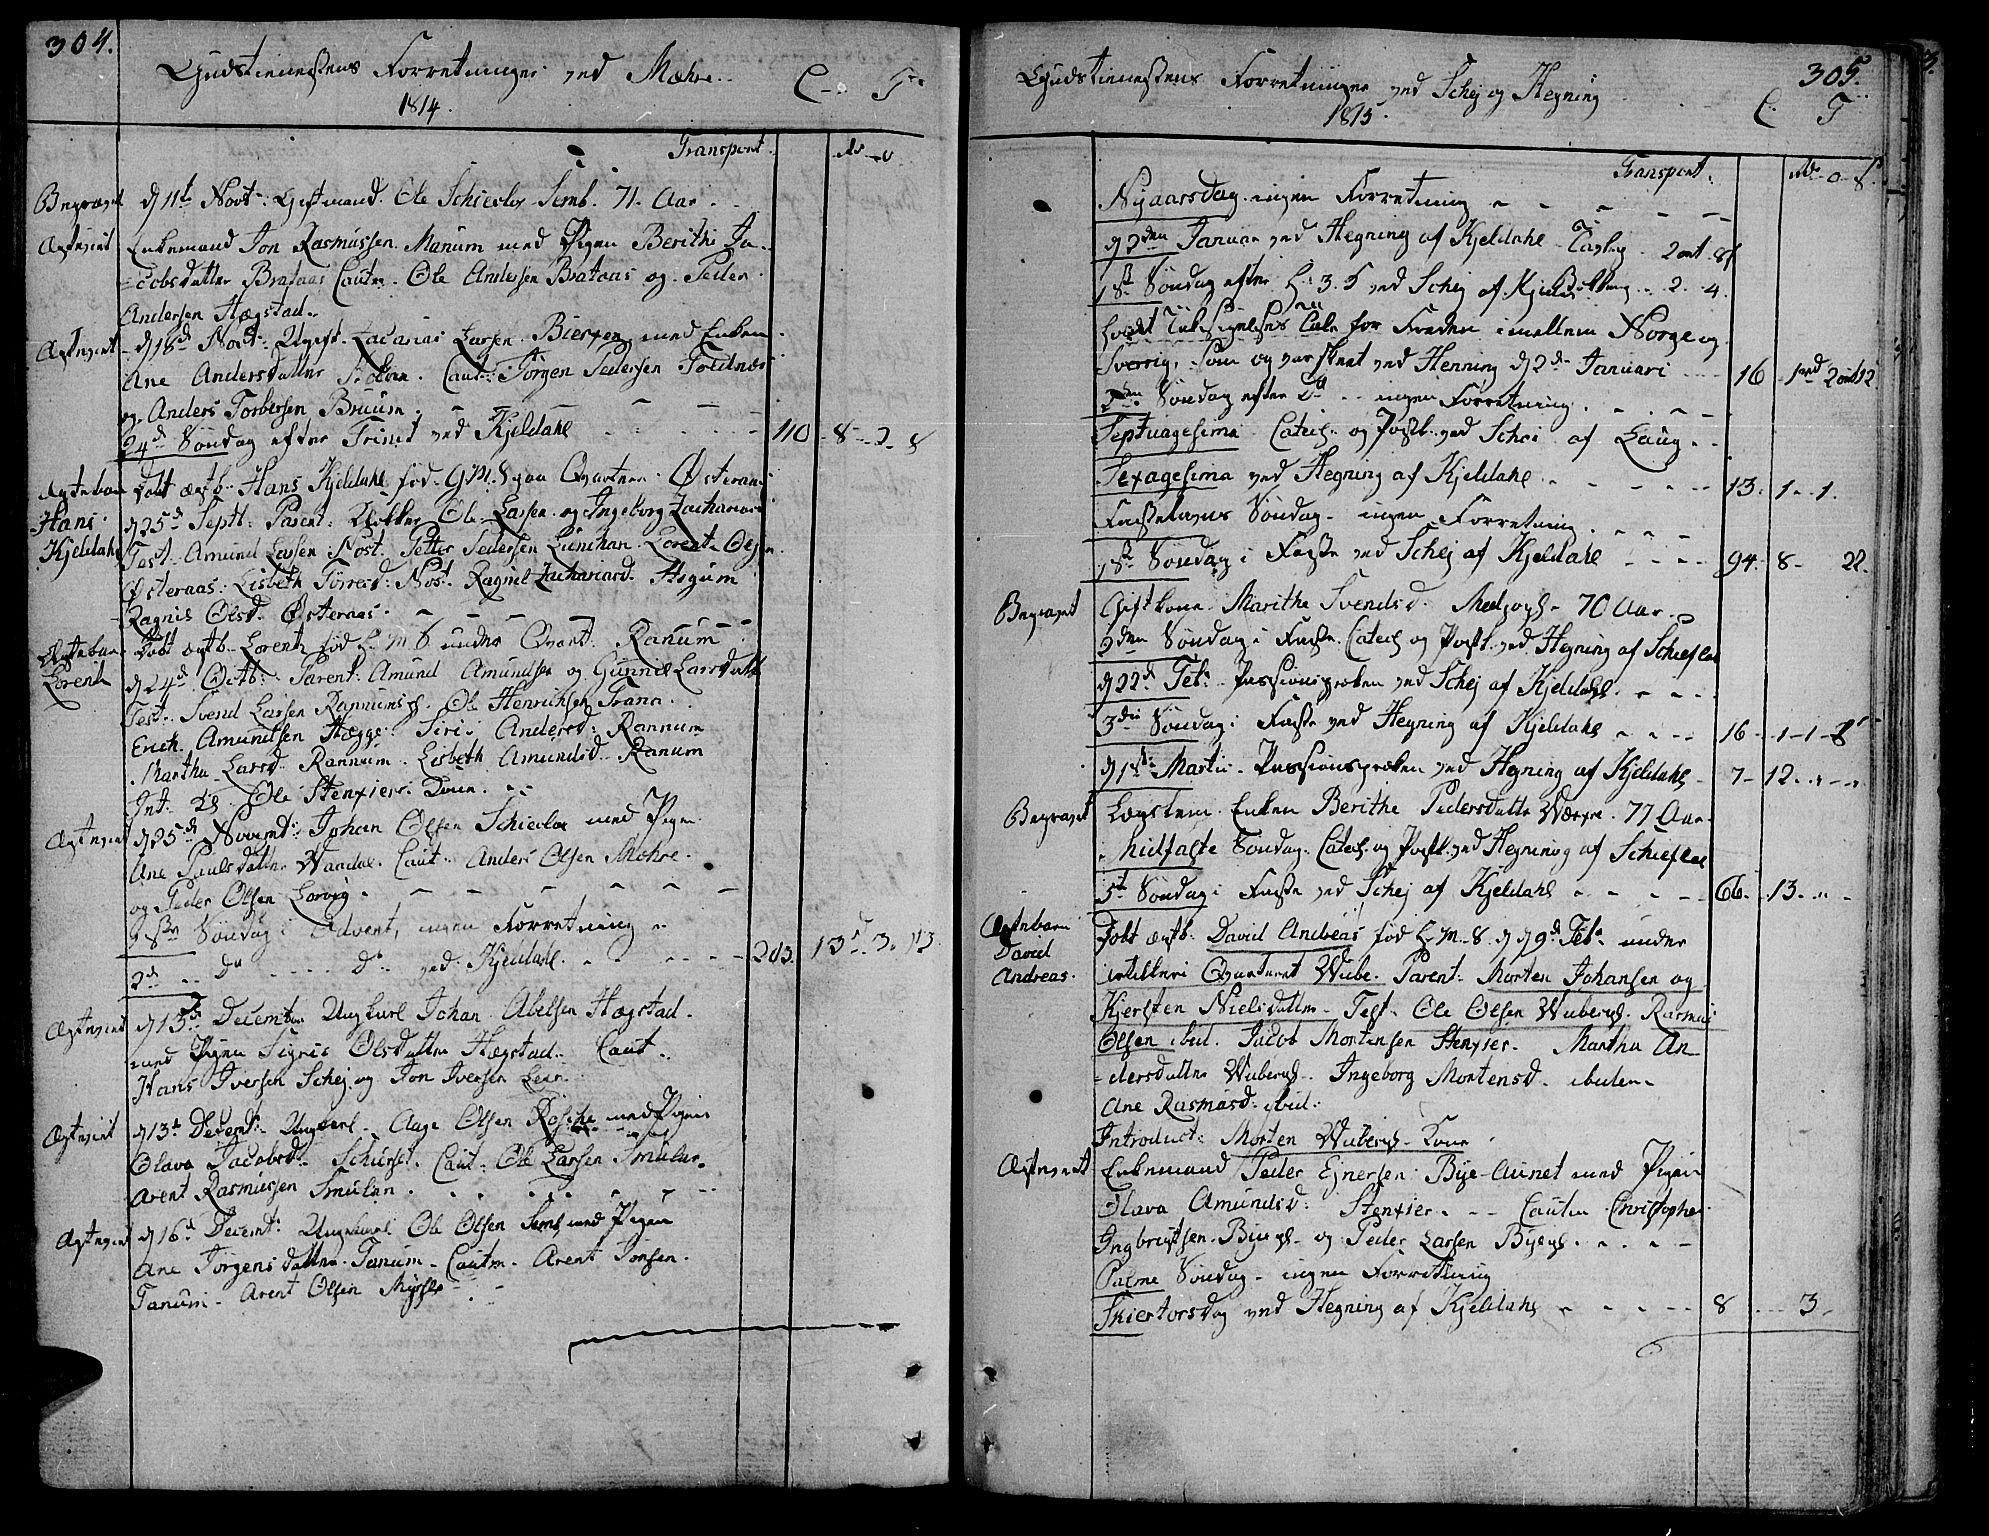 SAT, Ministerialprotokoller, klokkerbøker og fødselsregistre - Nord-Trøndelag, 735/L0332: Ministerialbok nr. 735A03, 1795-1816, s. 304-305